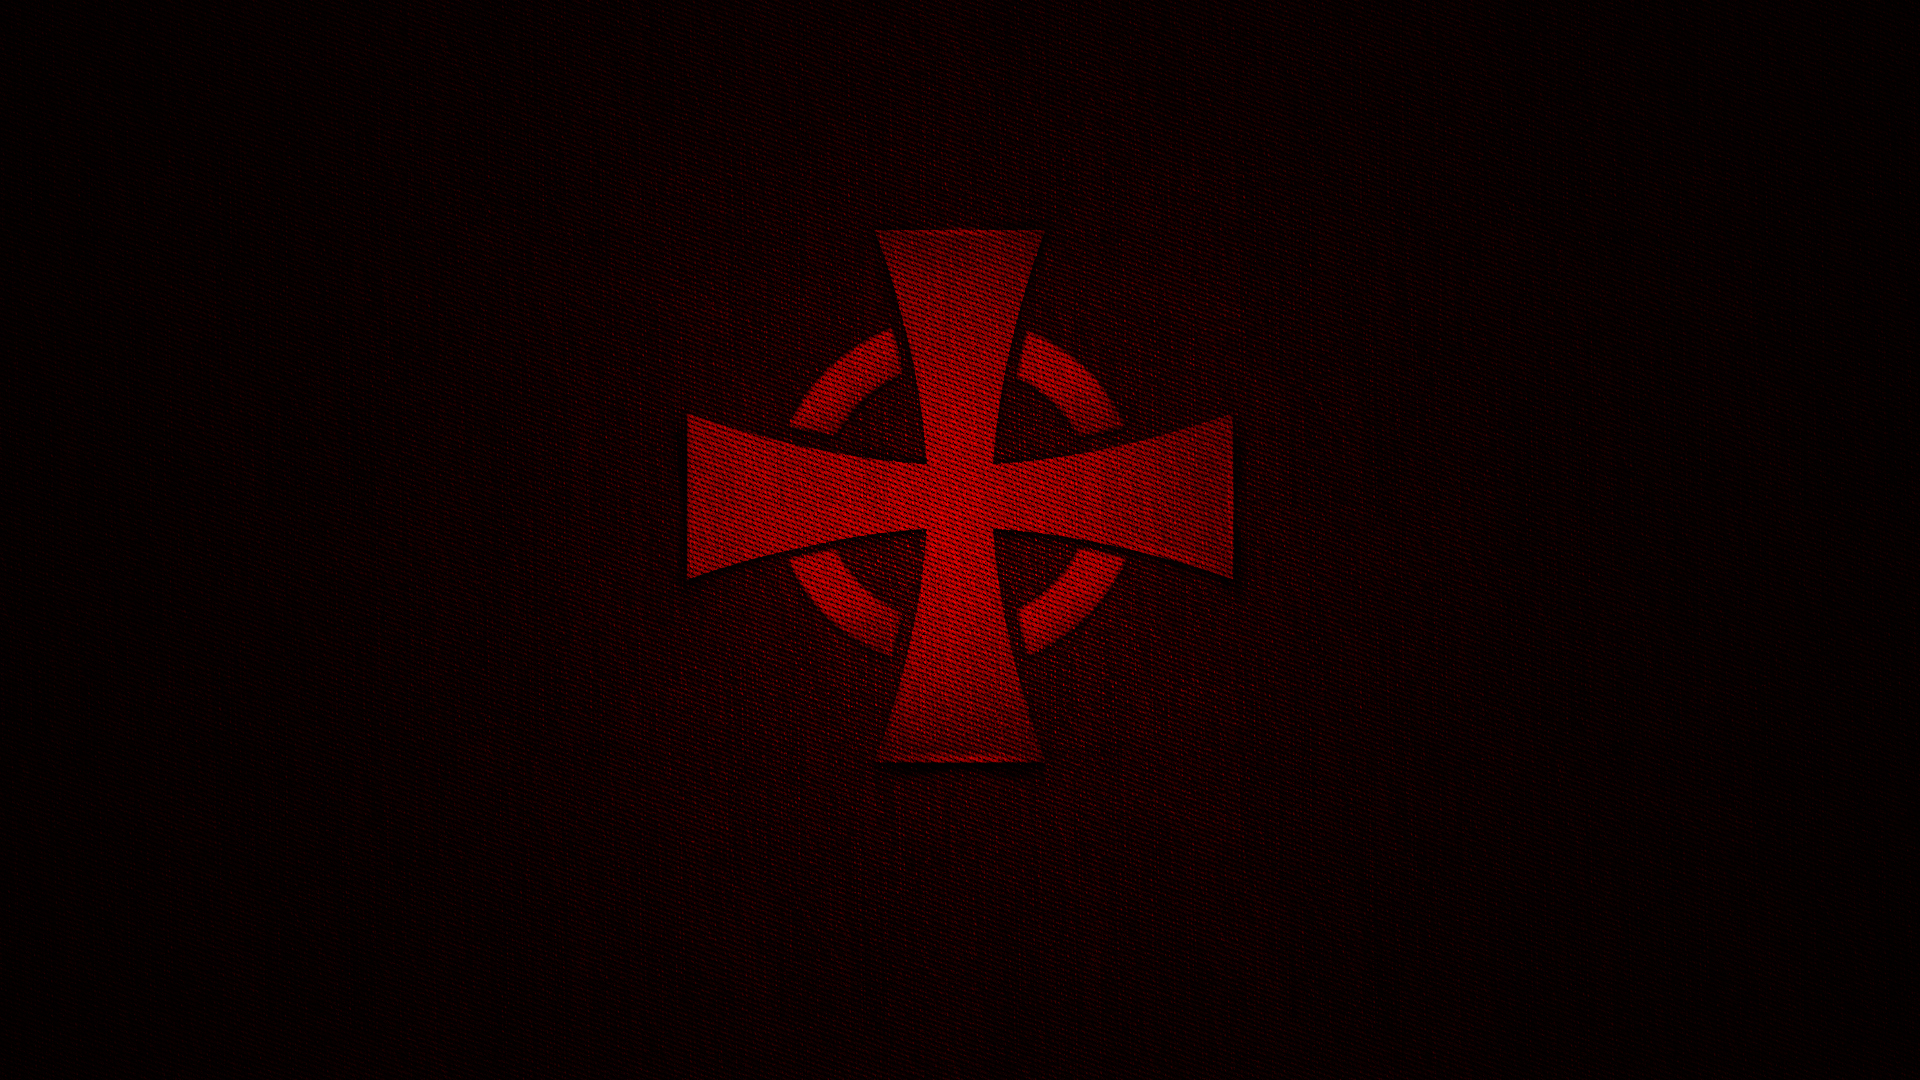 crucifix desktop wallpaper